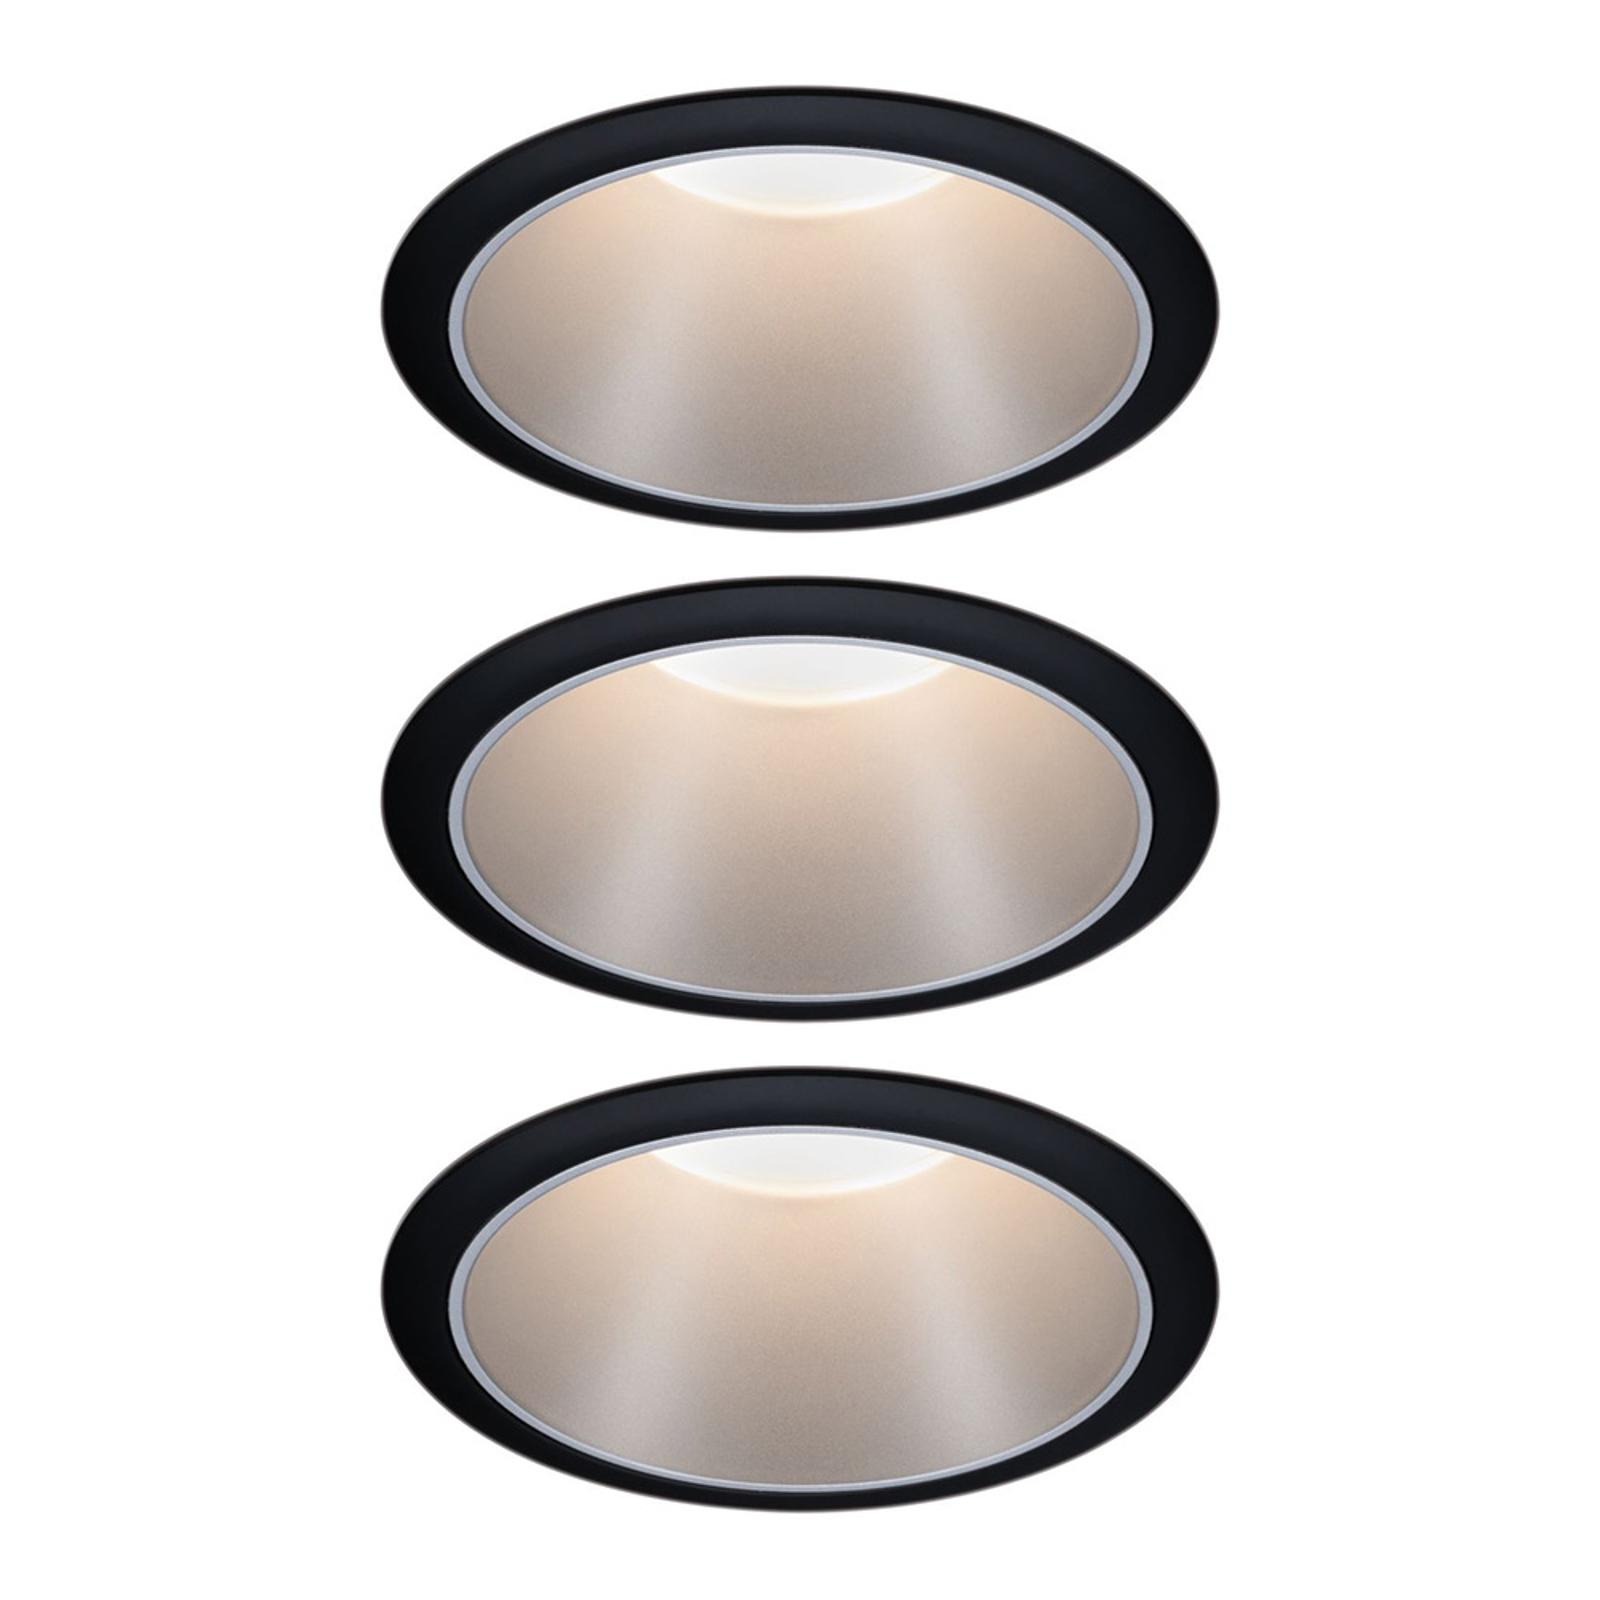 Paulmann Cole LED-spot, sølv-svart, 3-pakning